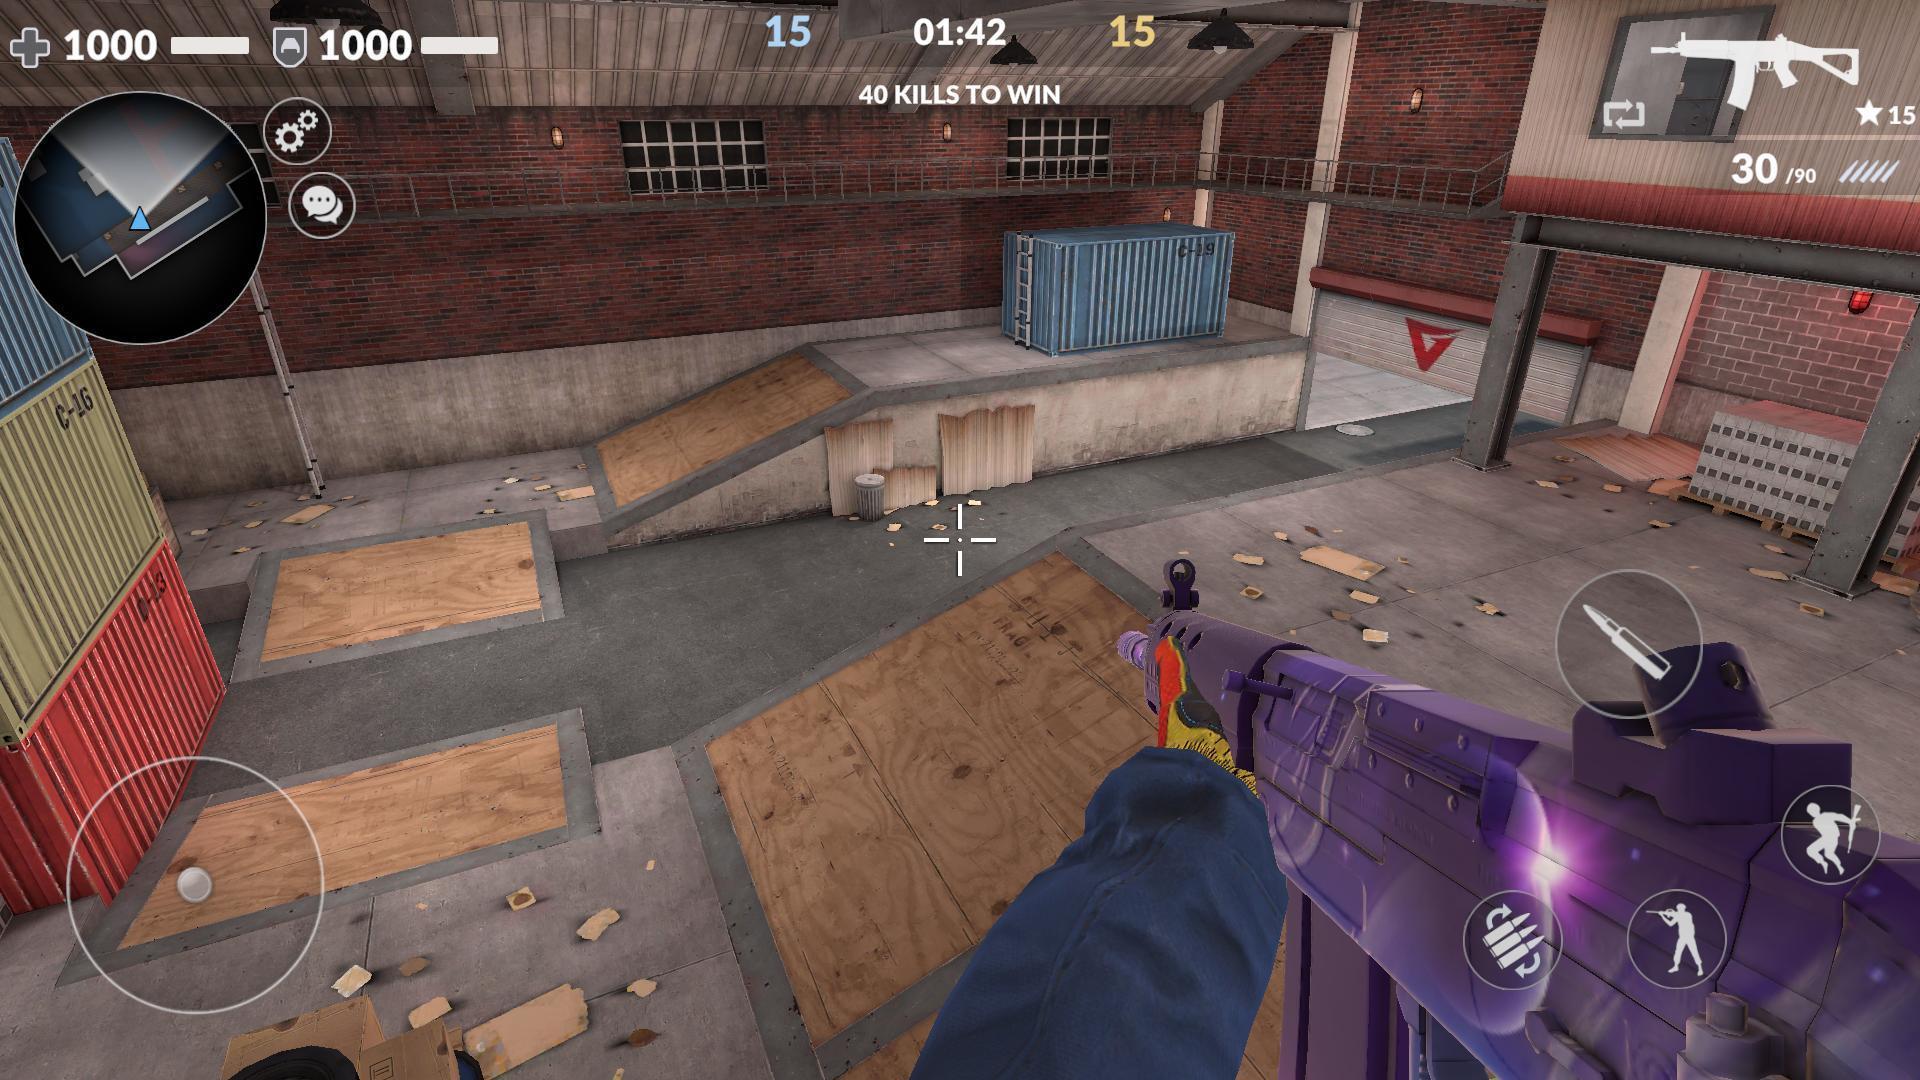 Critical Strike CS: Counter Terrorist Online FPS 9.9990 Screenshot 4